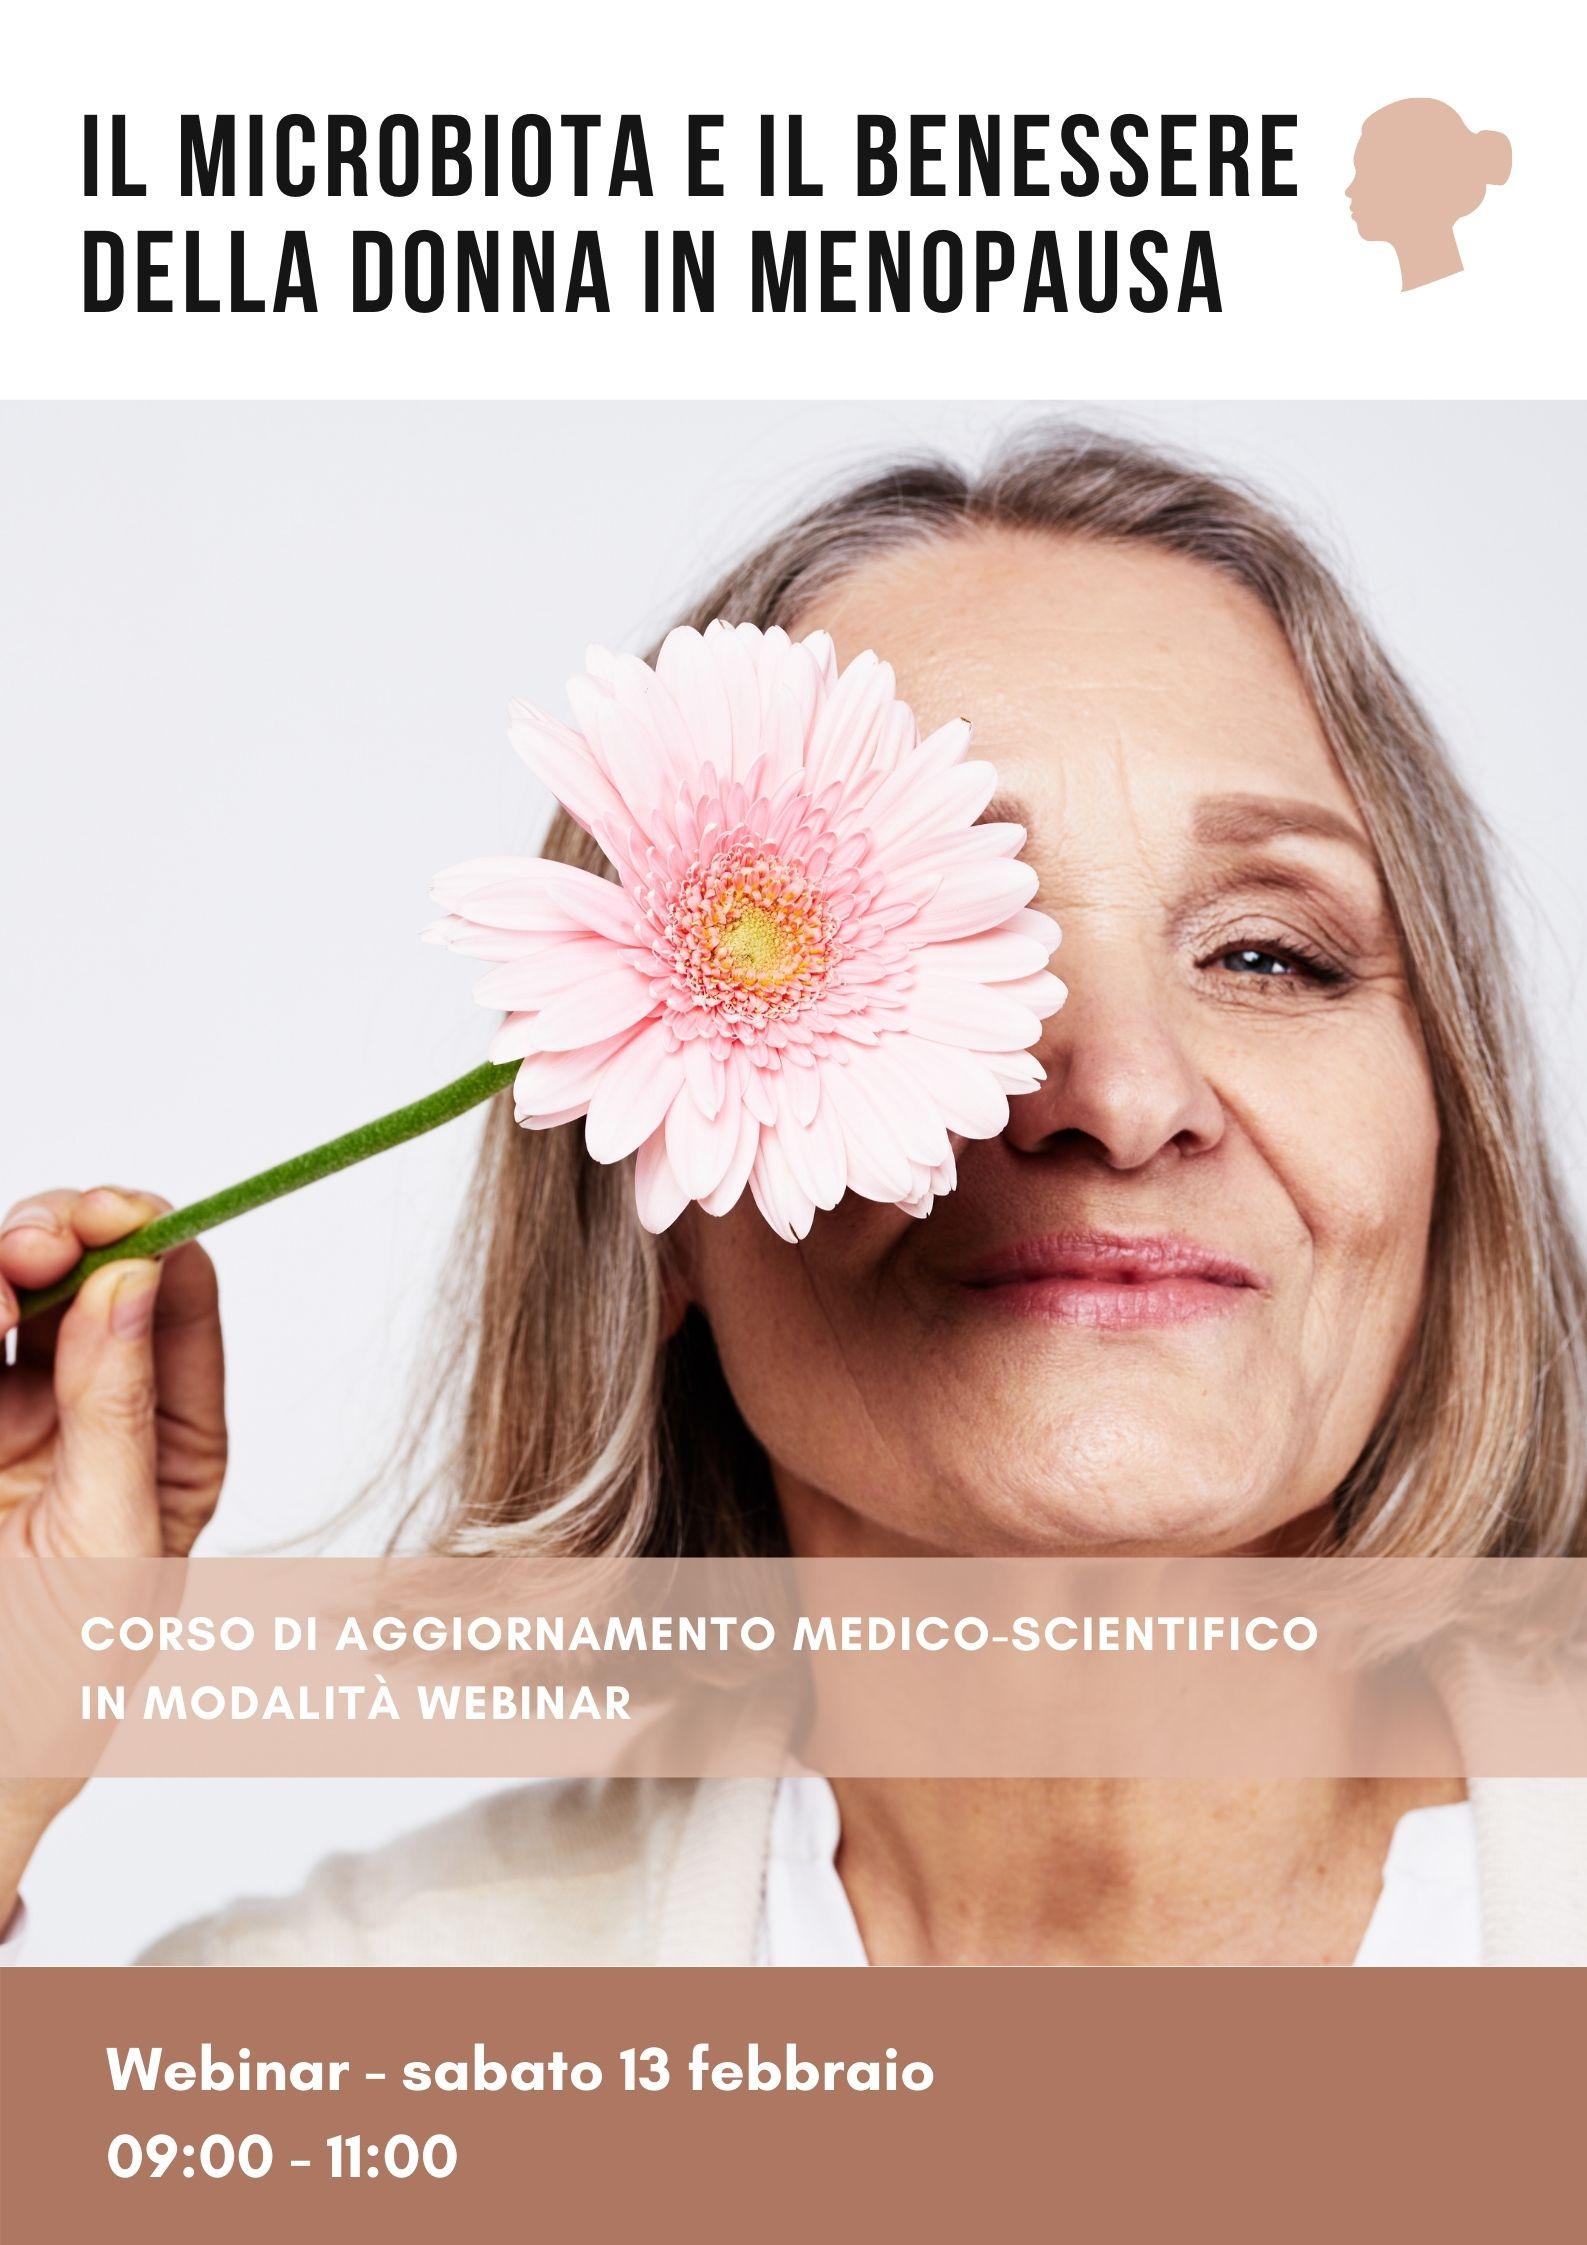 Il microbiota e il benessere della donna in menopausa 2